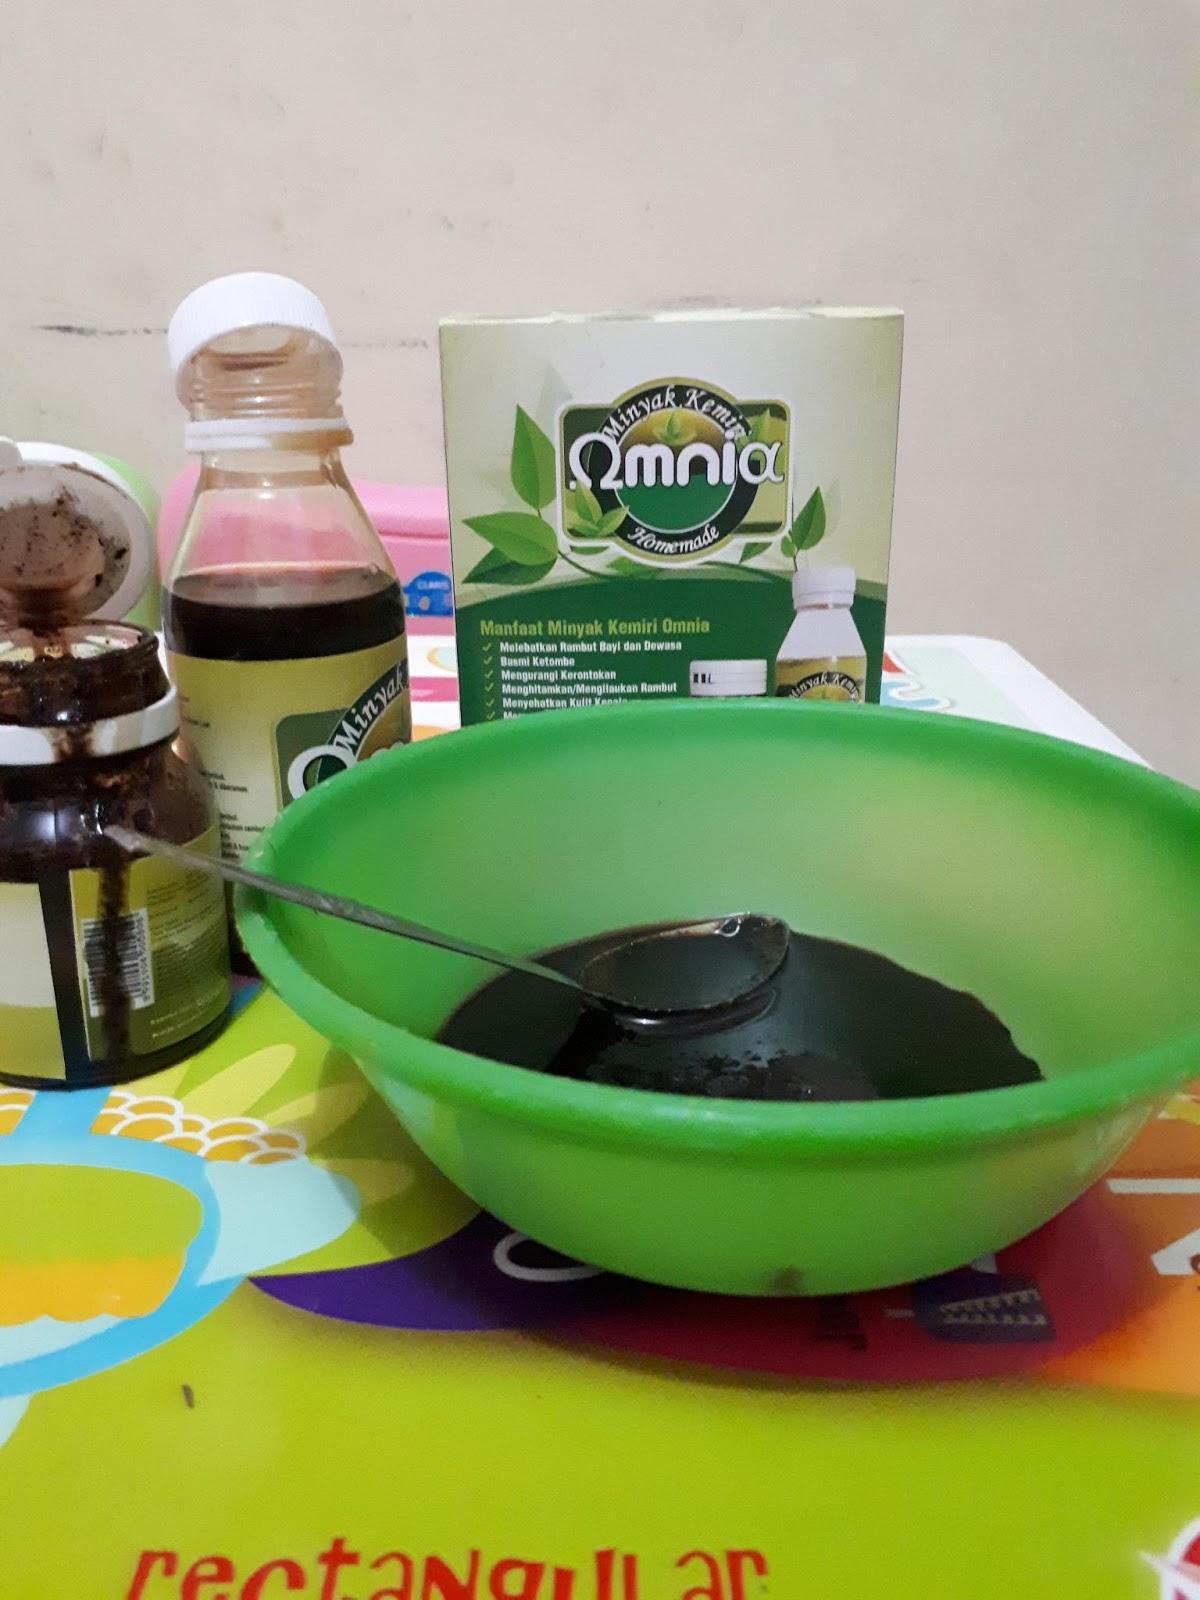 cara pakai minyak kemiri omnia Cara Buat Minyak Kemiri Untuk Bayi